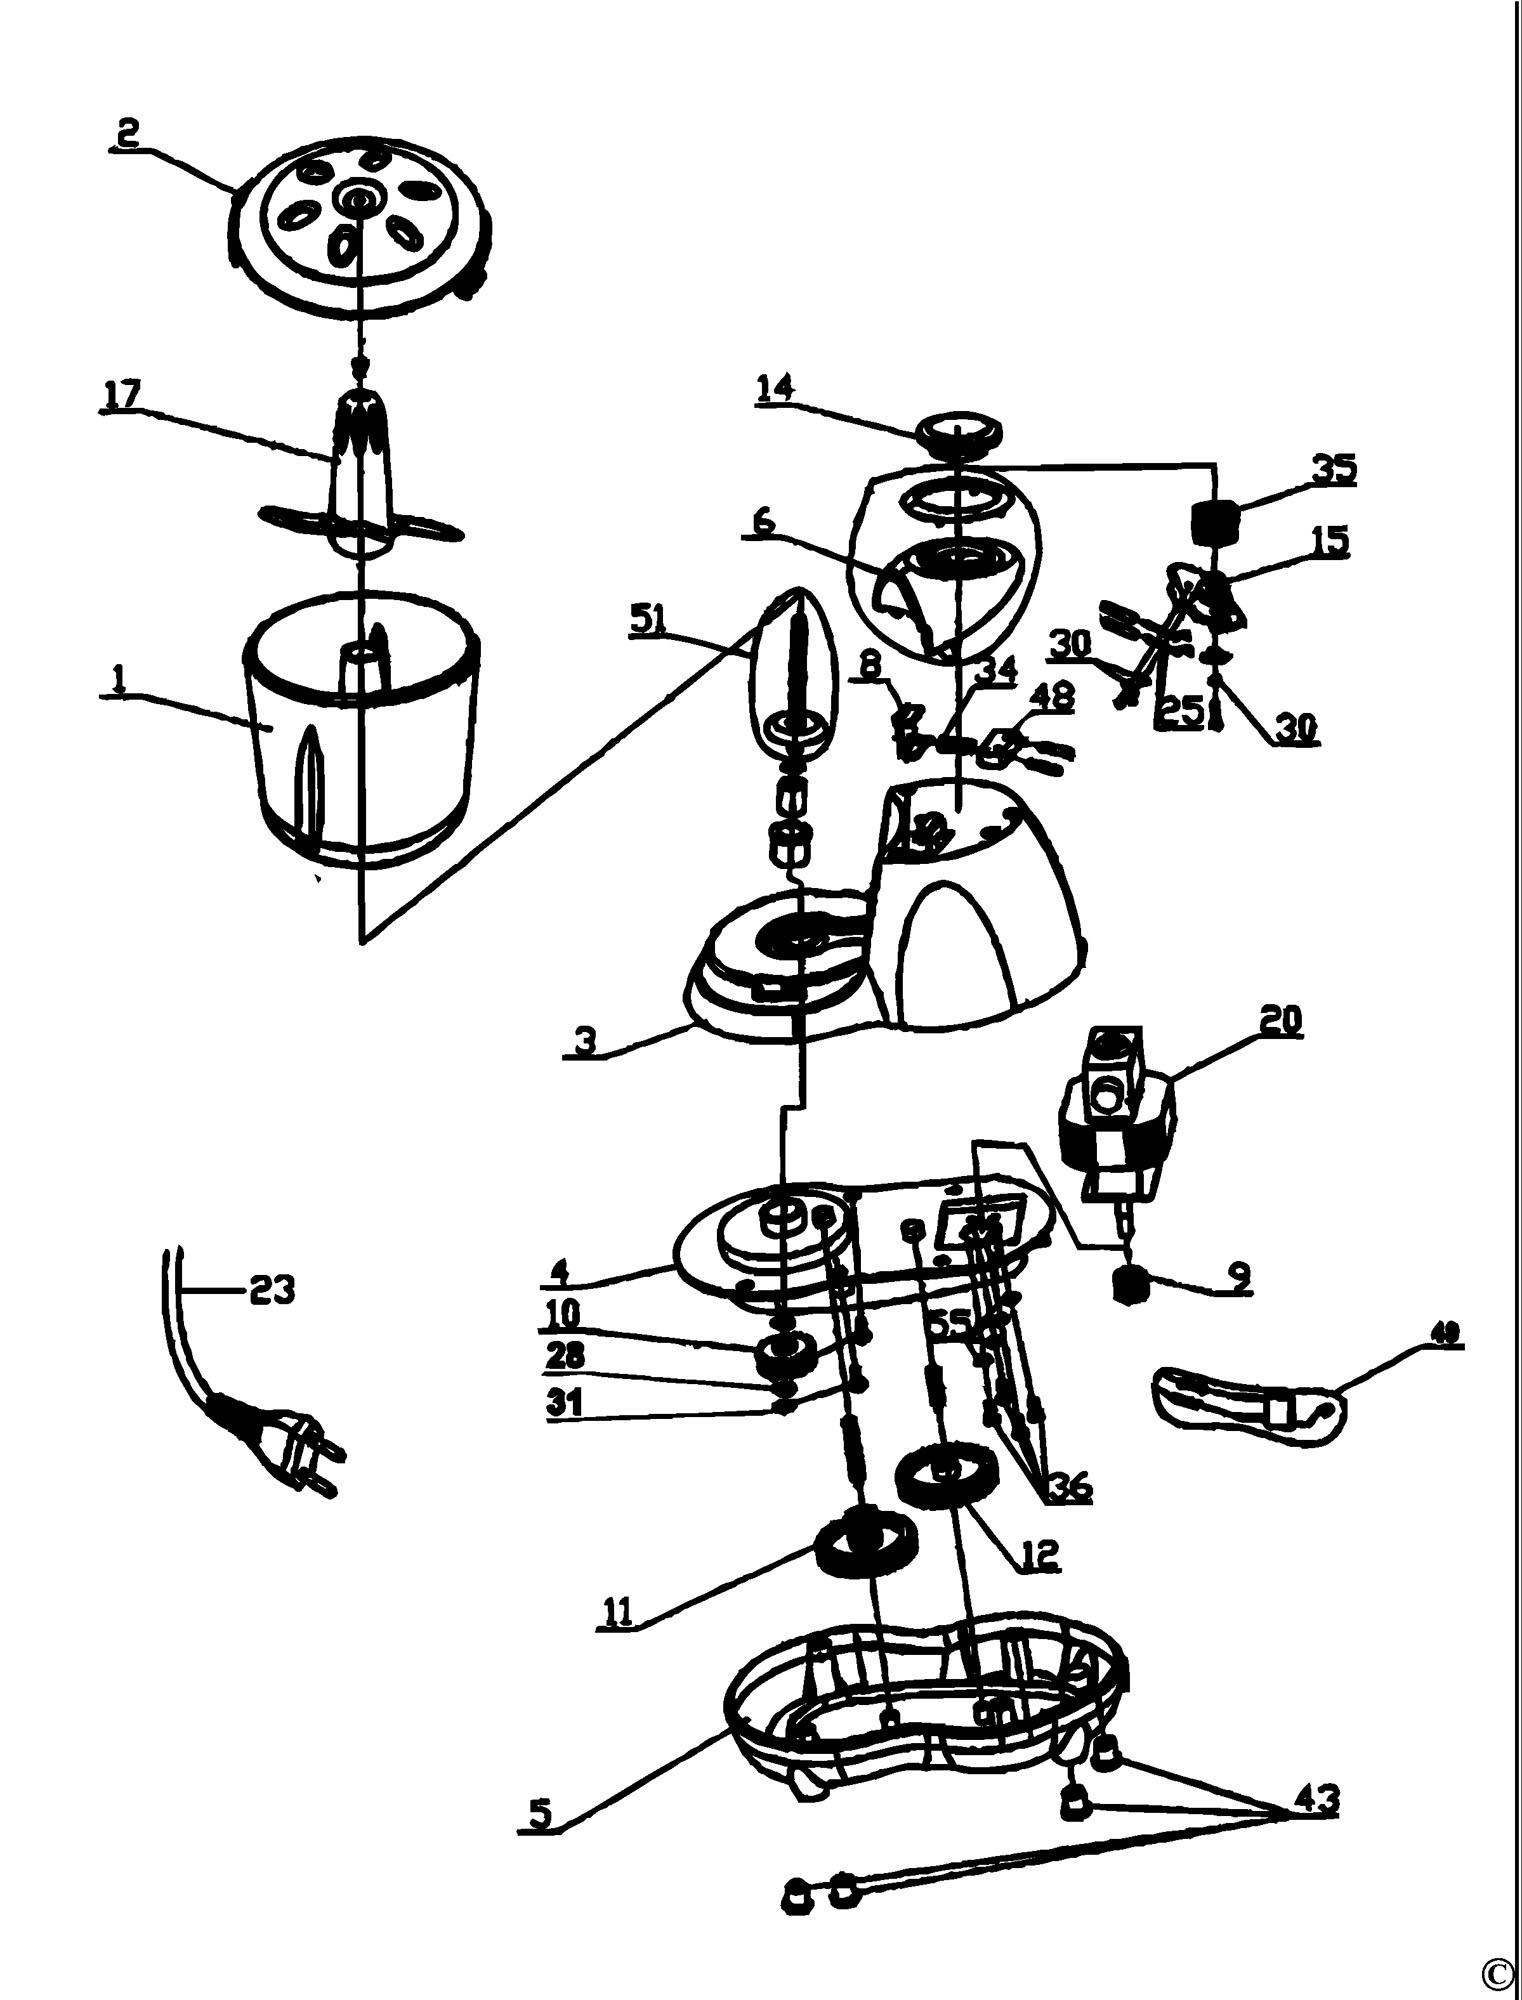 wiring diagram for 1994 yamaha virago 1100 1994 yamaha virago 250 wiring diagram